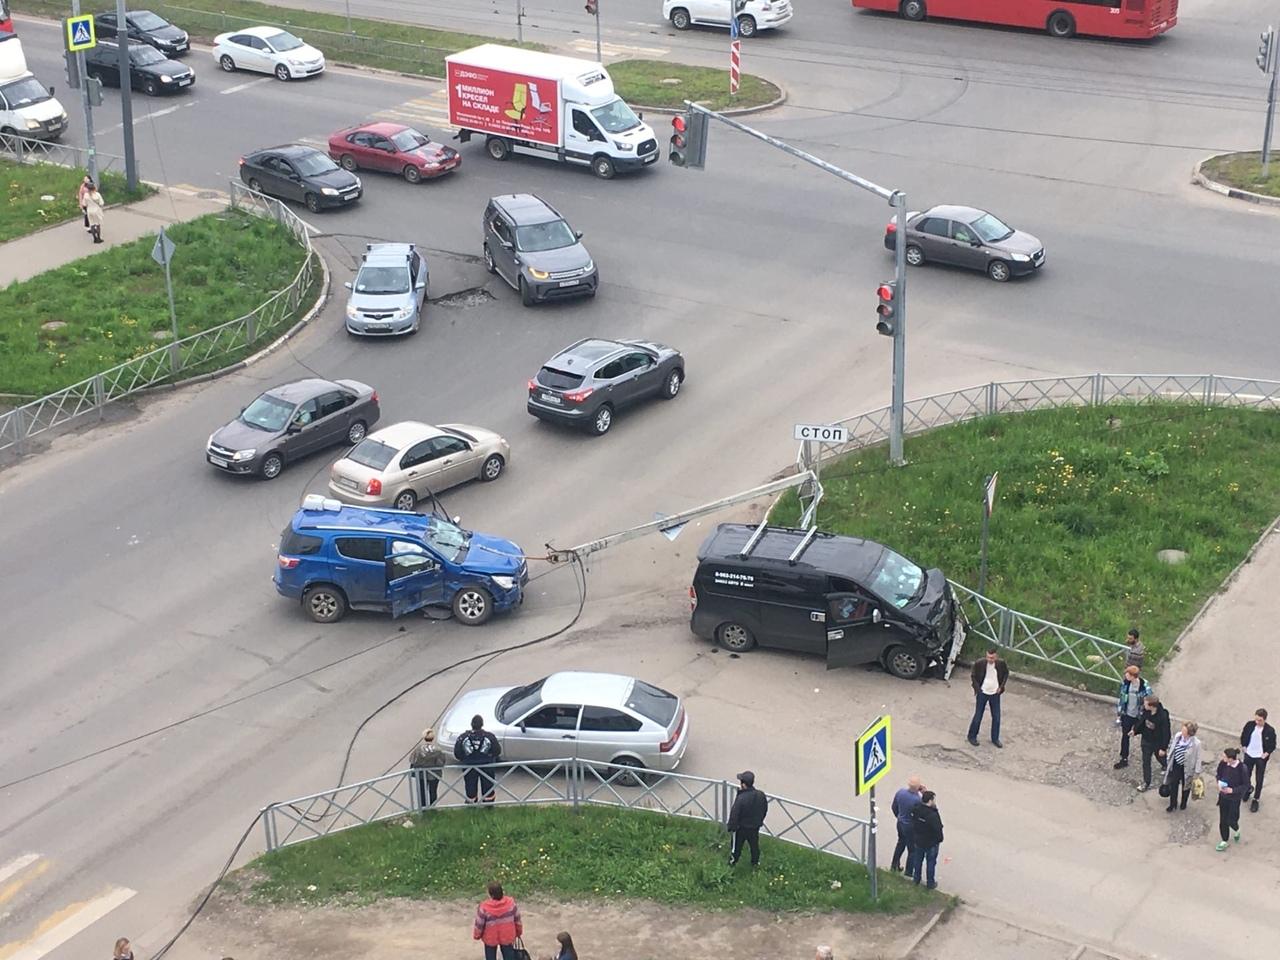 В Ярославле внедорожник снес столб после столкновения с микроавтобусом: видео